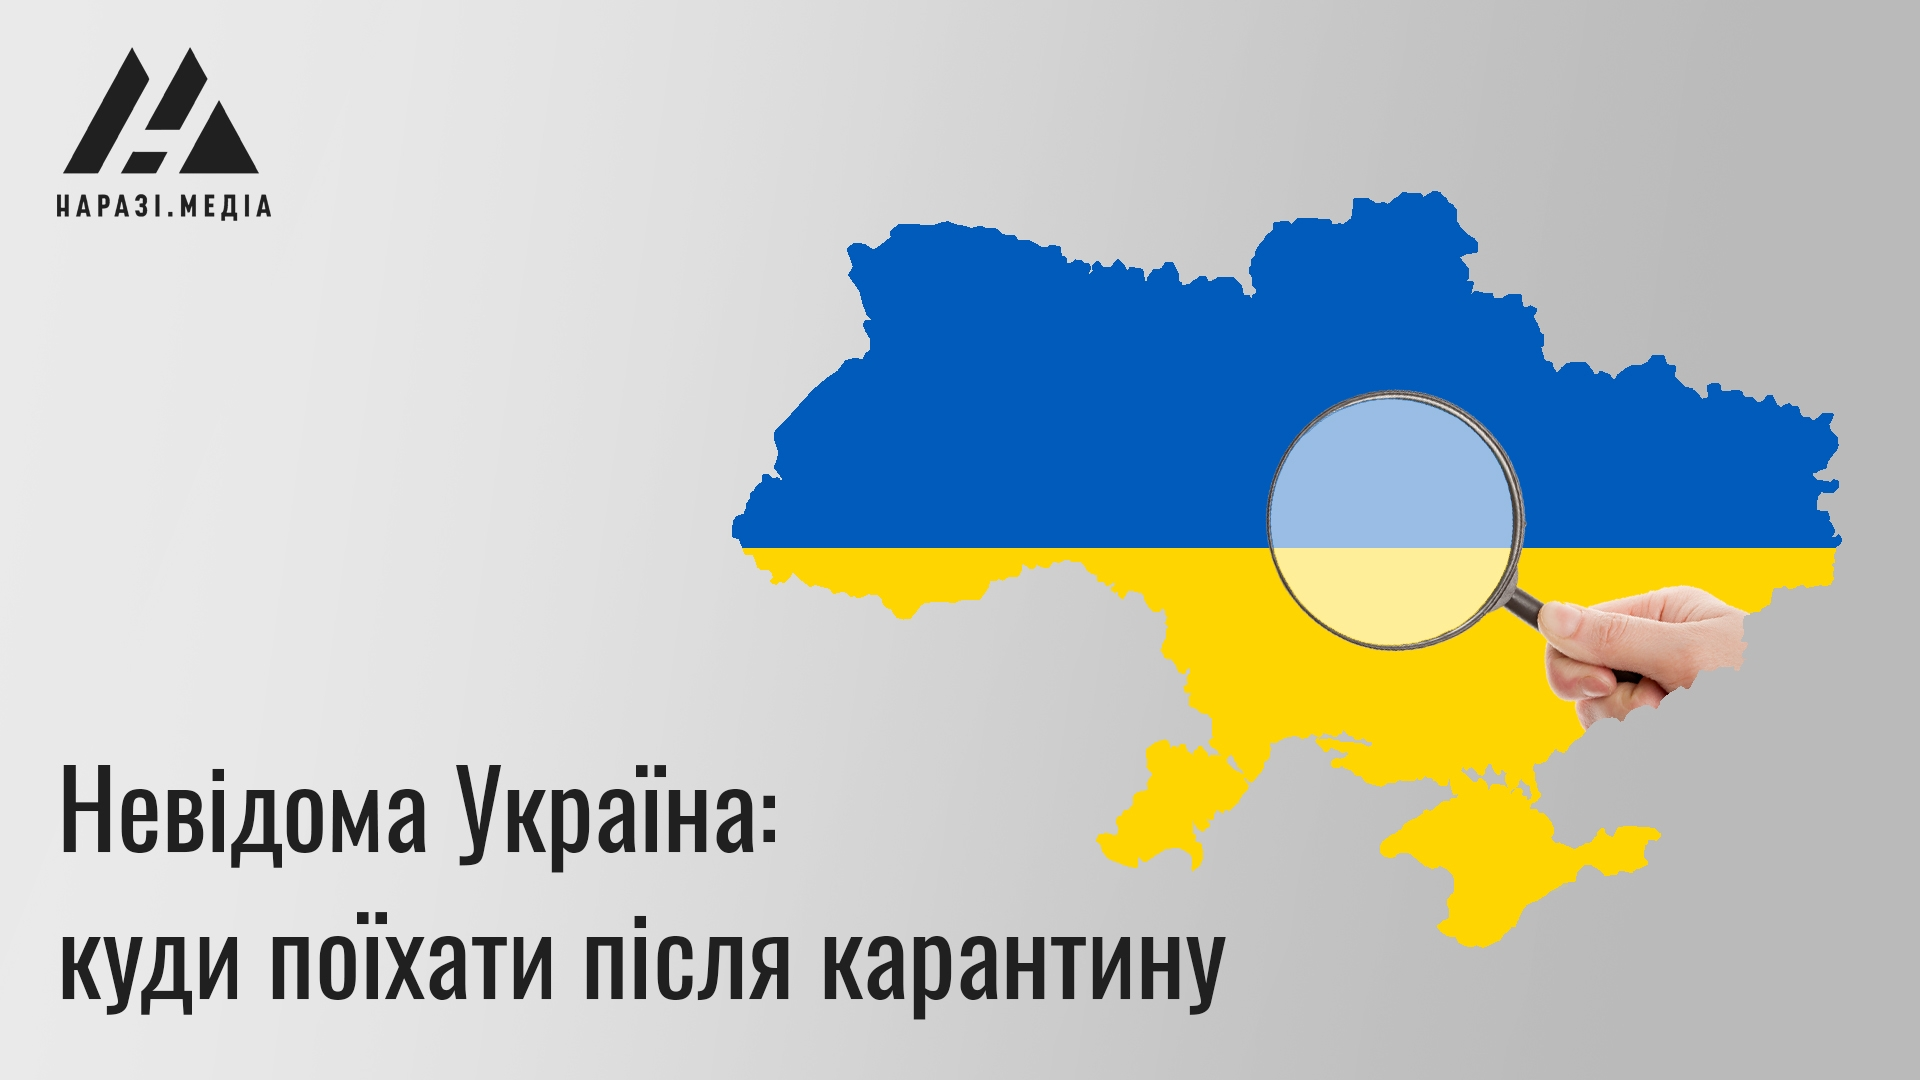 Невідома Україна: куди поїхати після карантину?